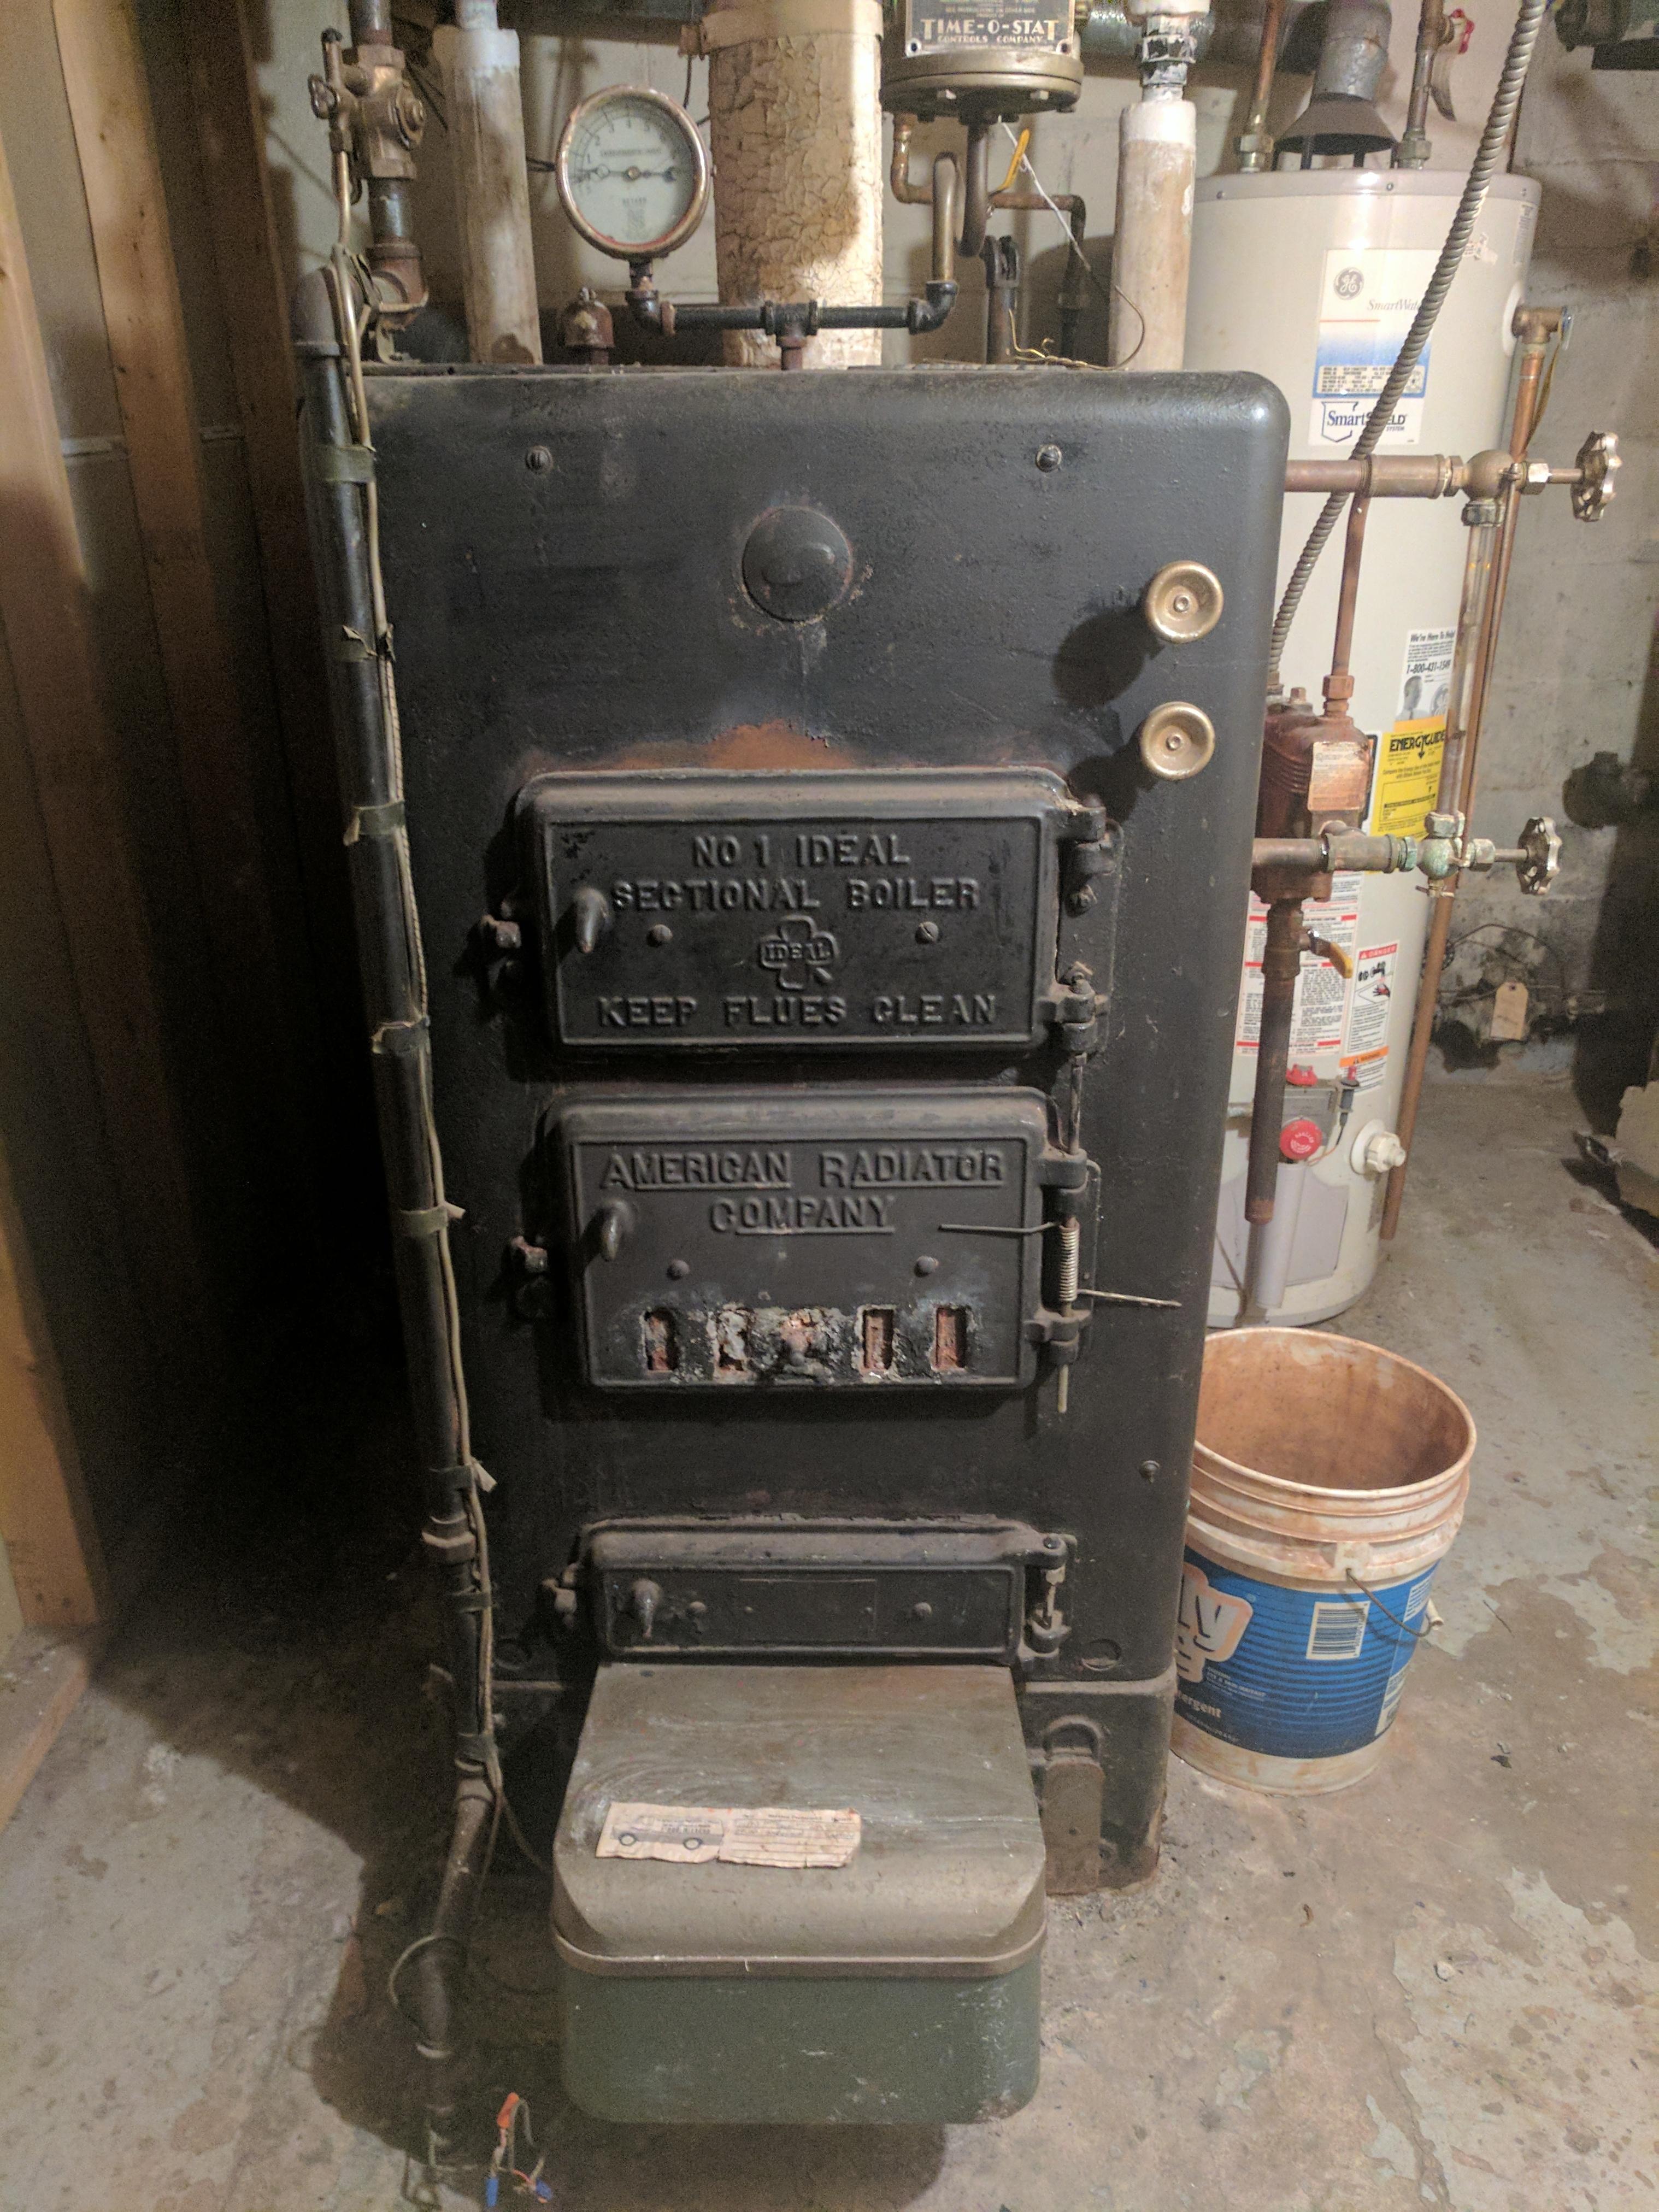 Tips For 1920s American Radiator Steam Boiler Heating